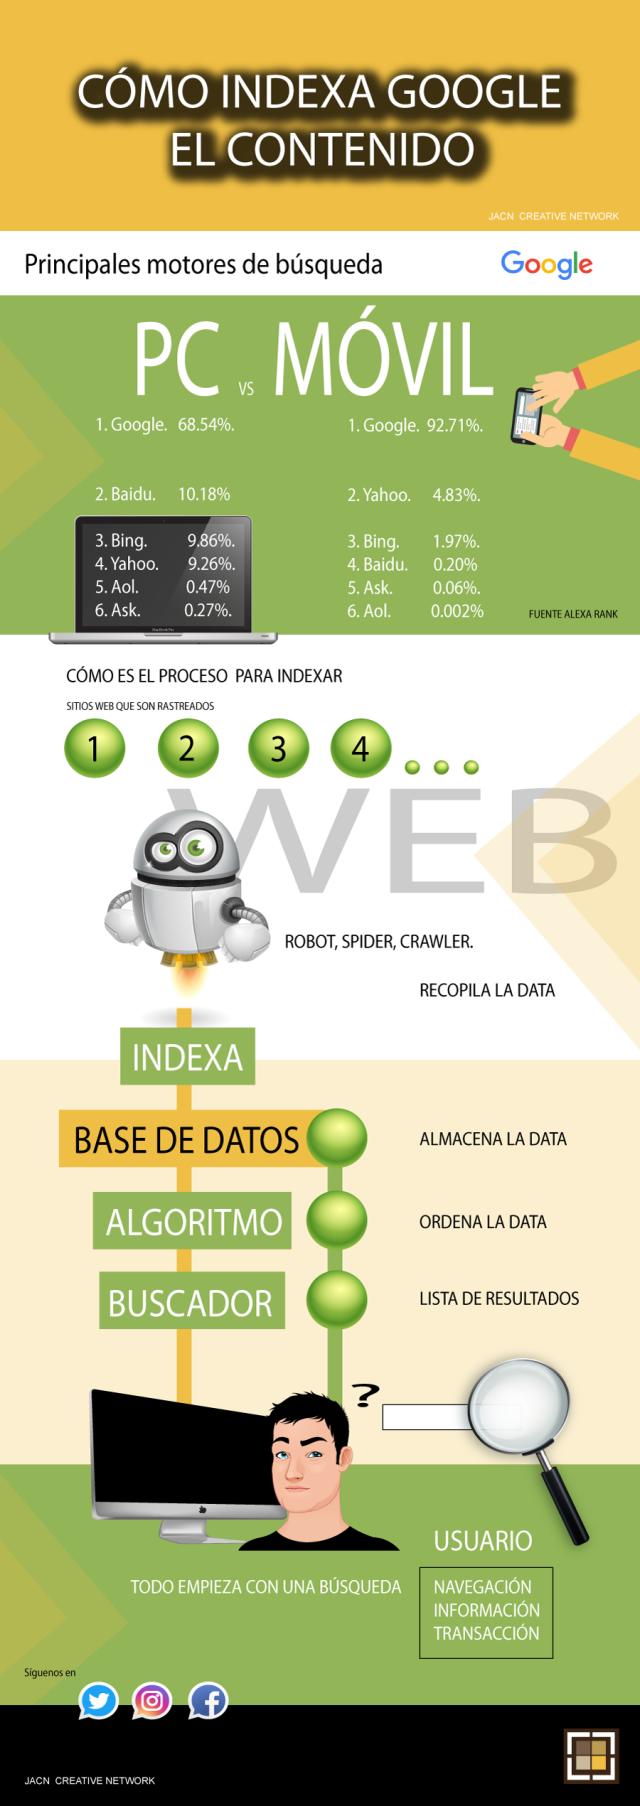 Cómo indexa Google el contenido